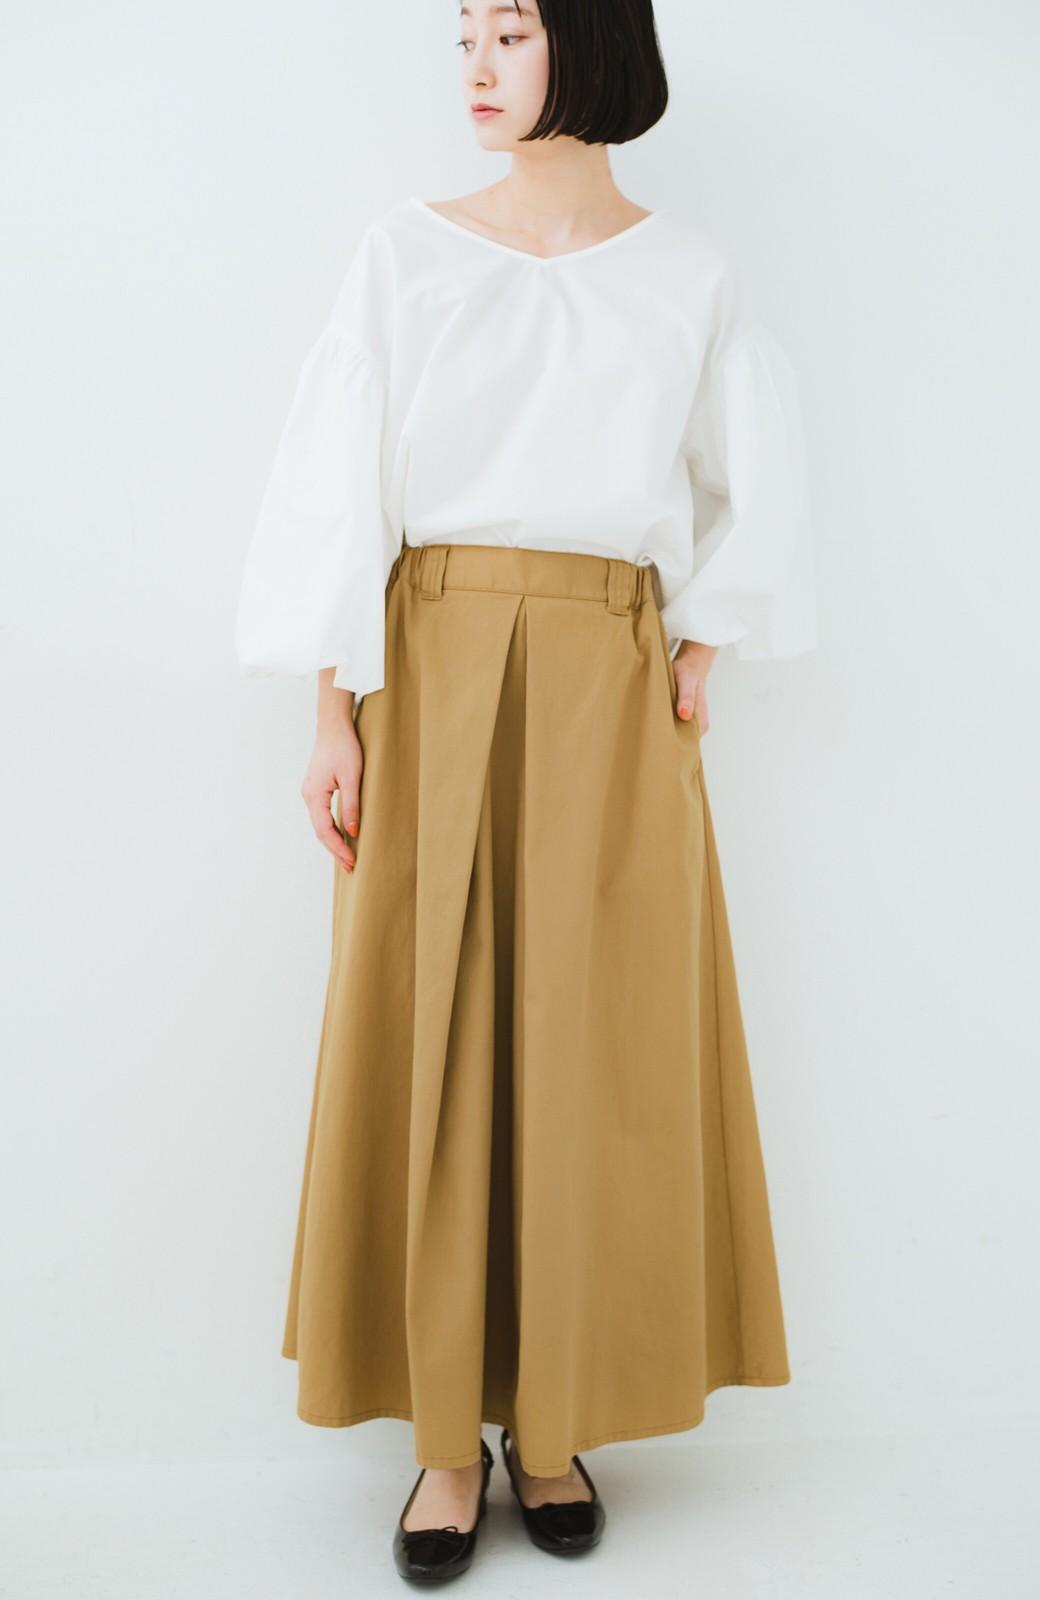 haco! ロングシーズン楽しめる タックボリュームのチノロングスカート <ベージュ>の商品写真1